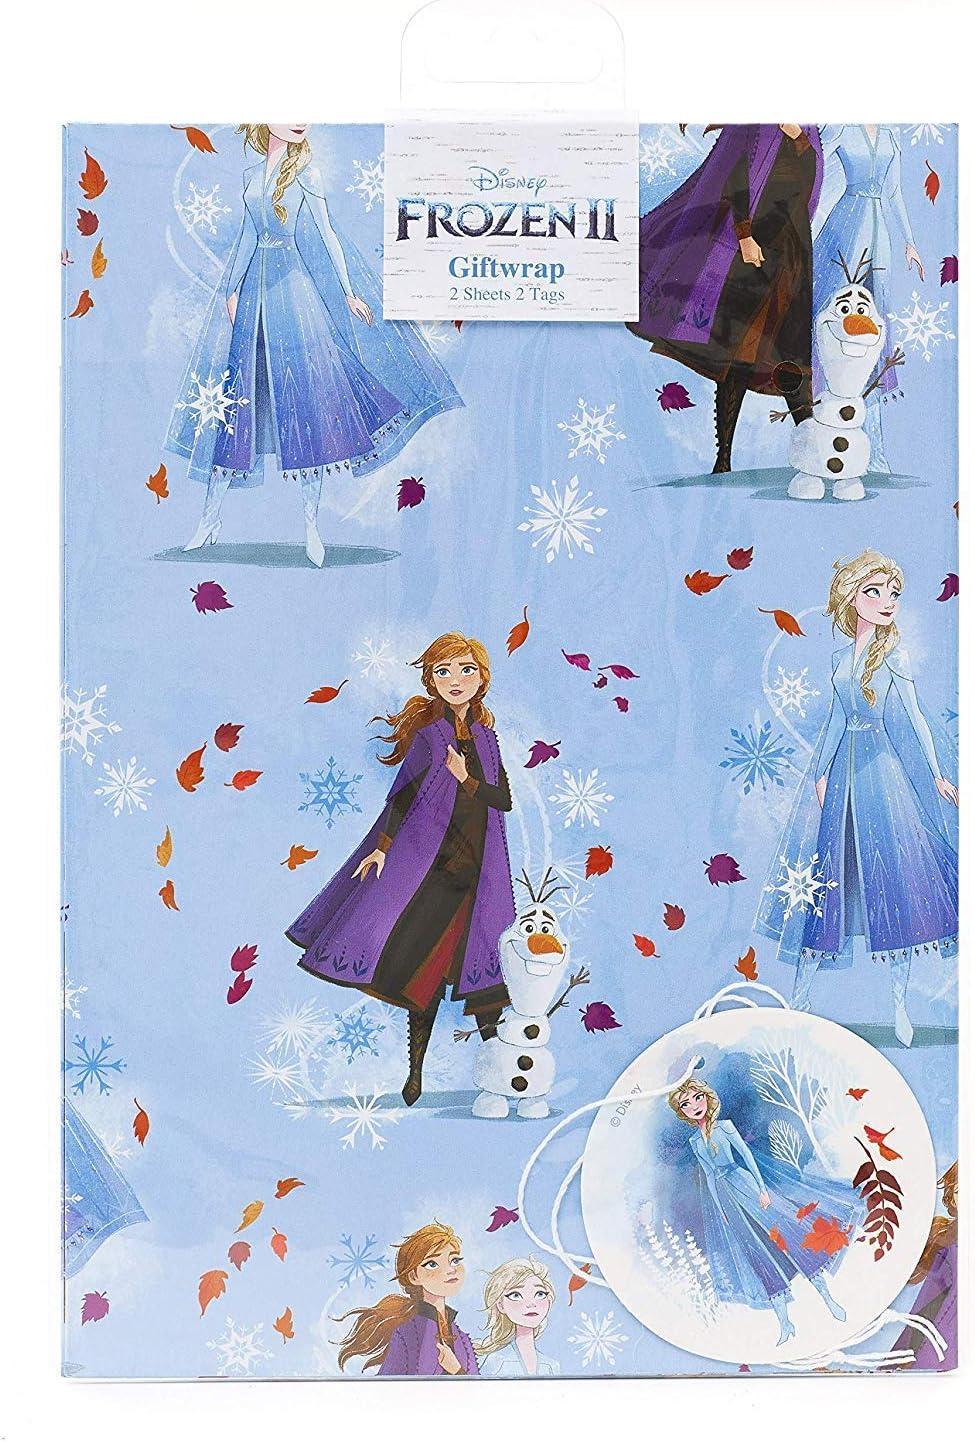 Papel de regalo de cumpleaños para niñas – Papel de regalo para niños, papel de regalo, cumpleaños, papel de regalo de Frozen, regalo perfecto para niñas, regalos de Frozen – 2 hojas y 2 etiquetas